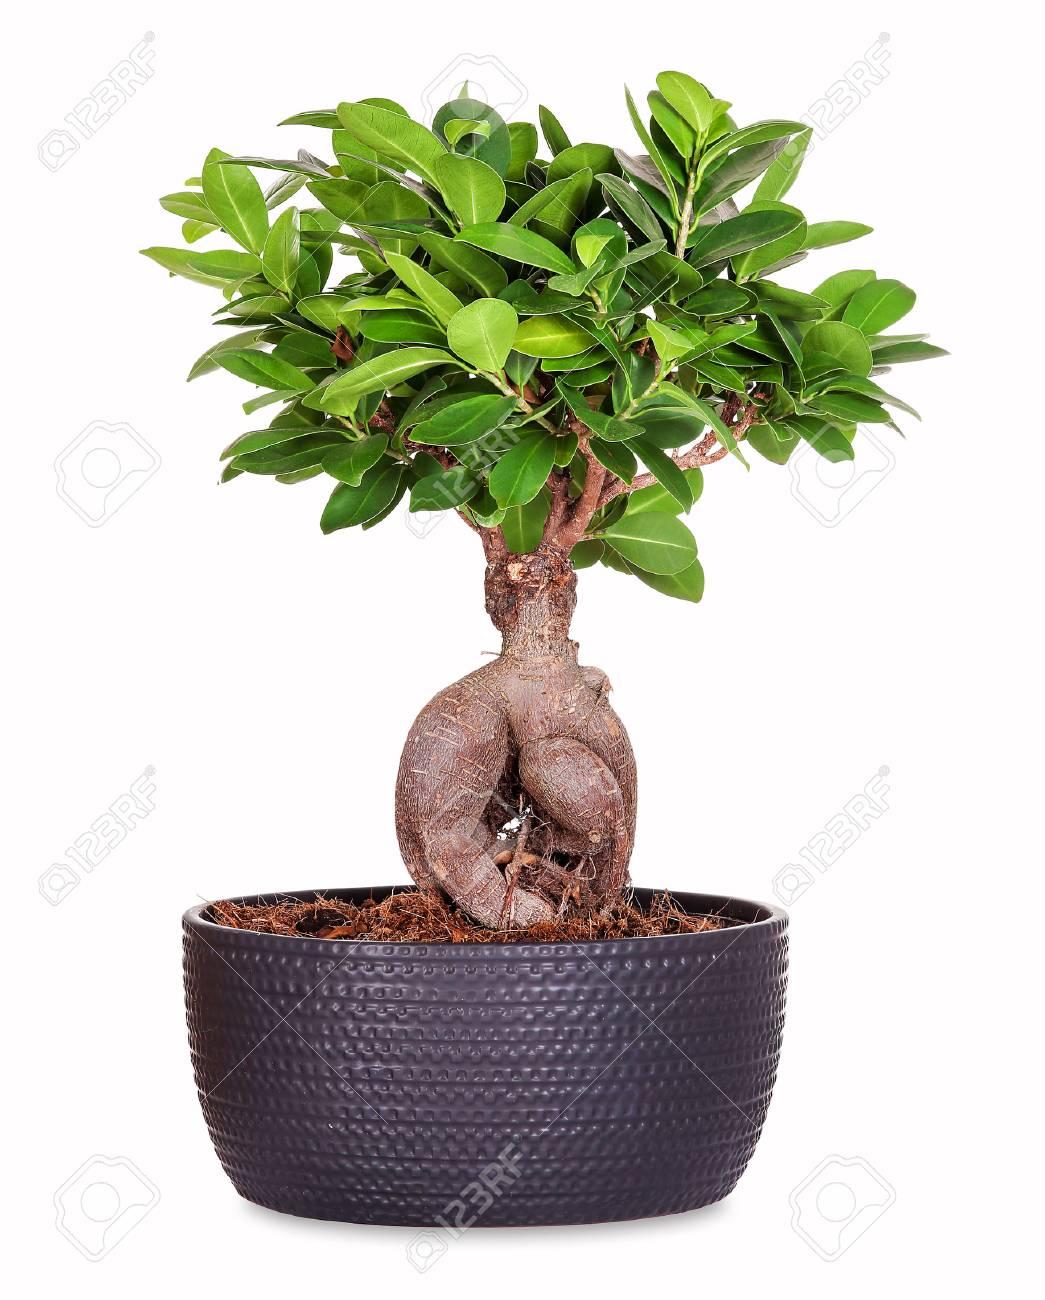 Bonsai ginseng ficus - 88218840